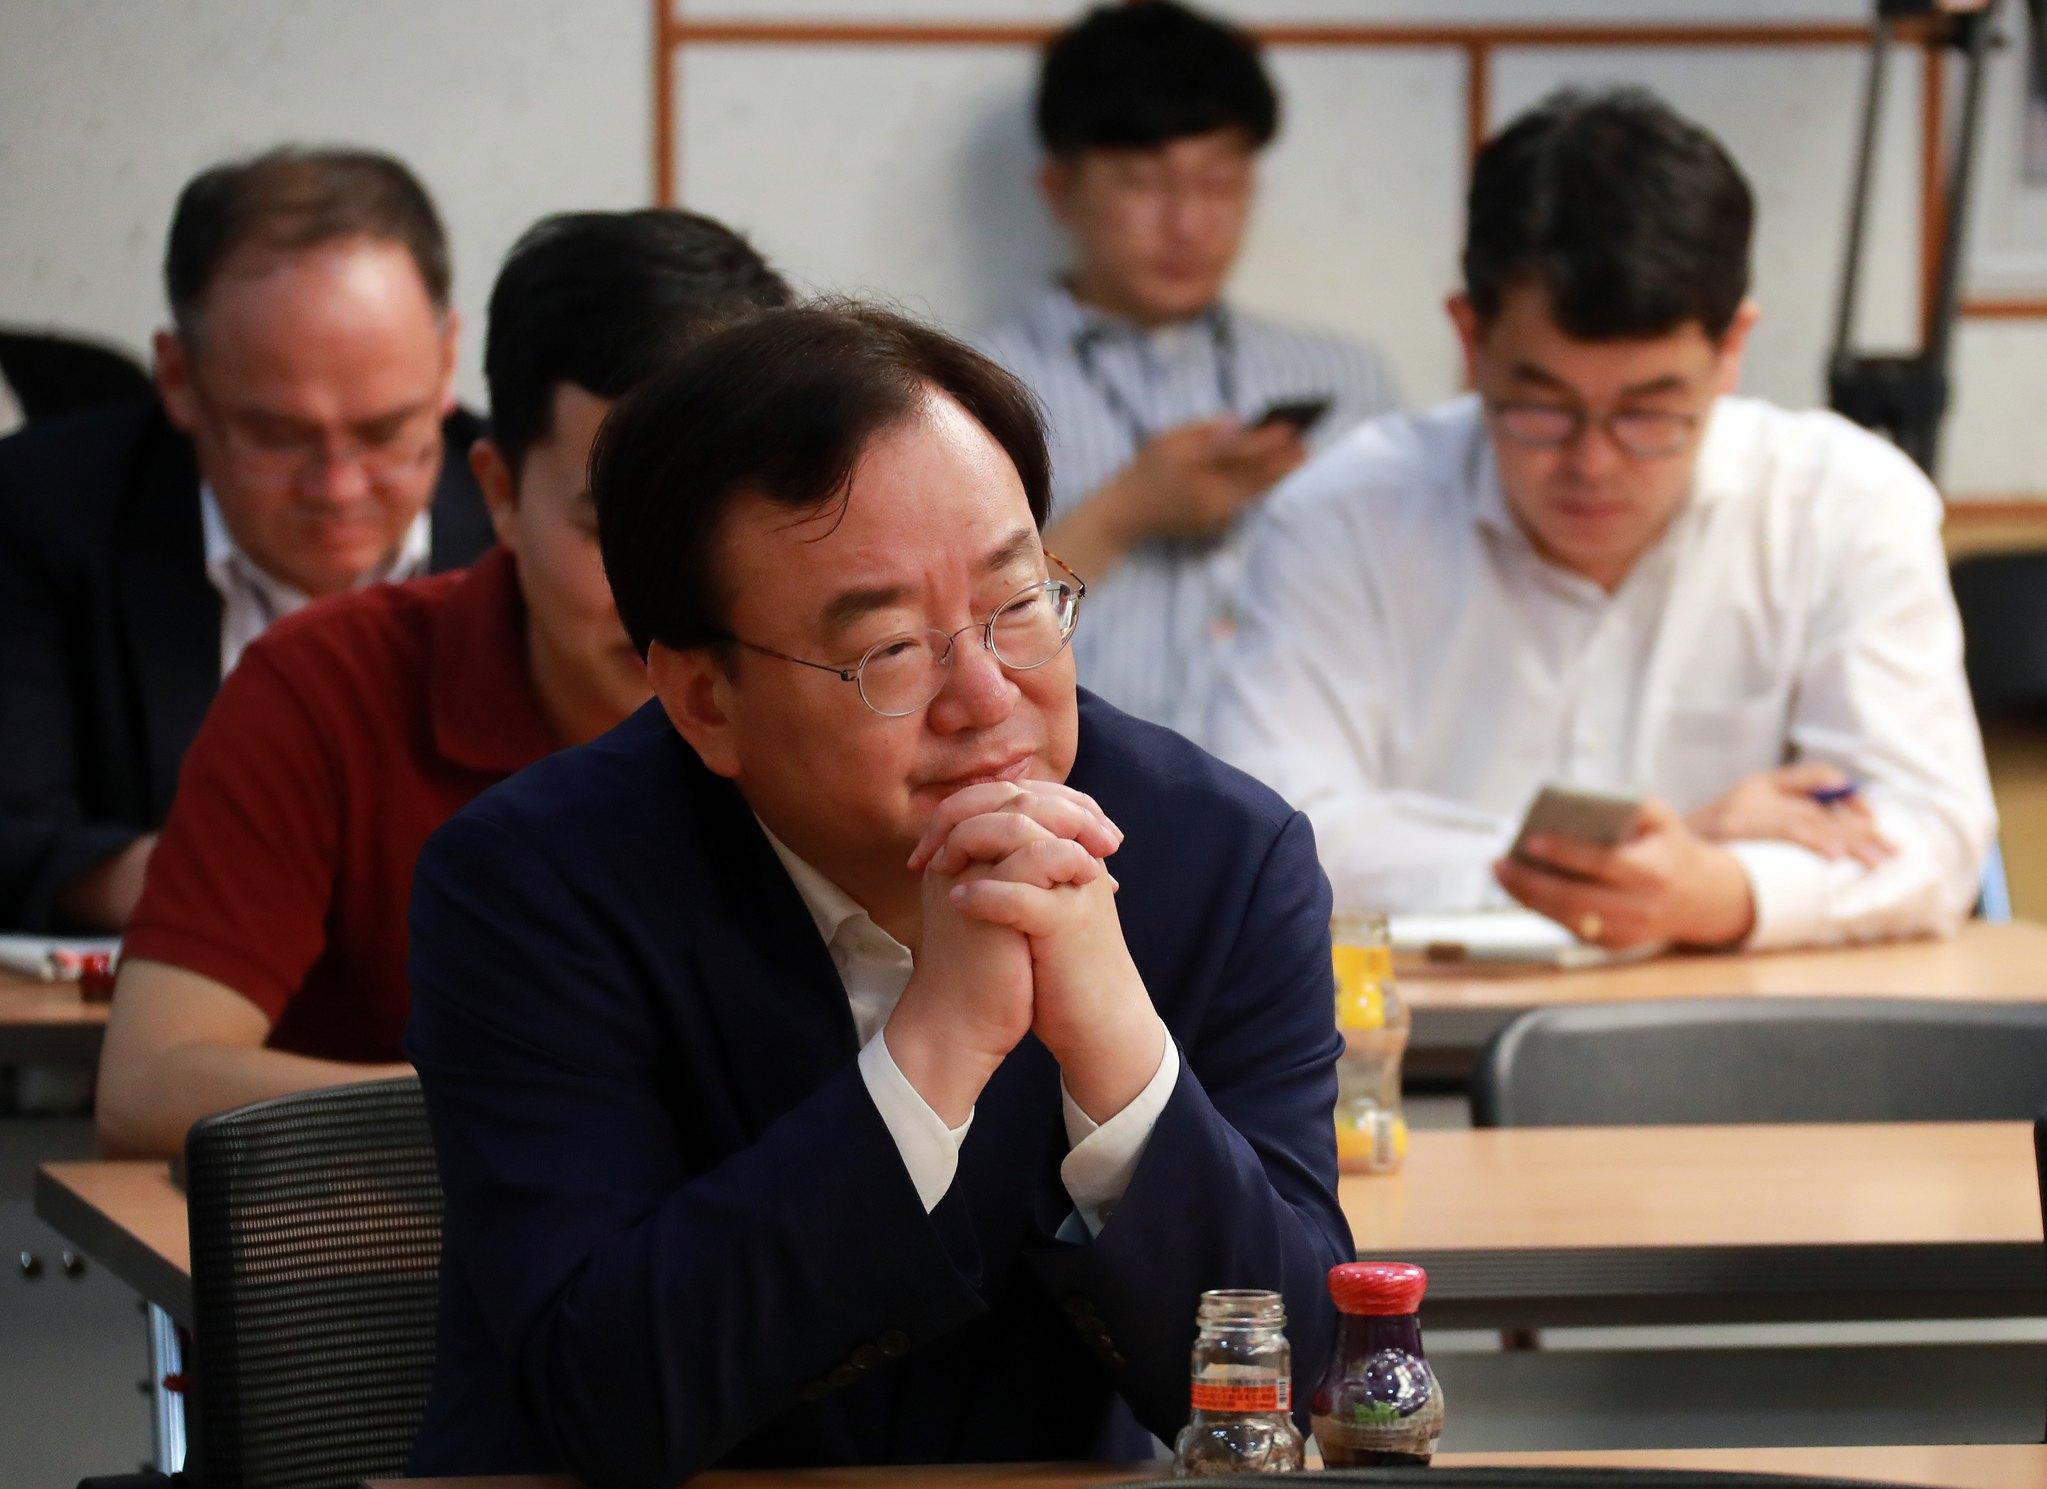 강효상 자유한국당 의원이 5일 오후 서울 여의도 국회 의원회관에서 열린 '민주당의 내일을 말한다' 초선 토론회에 참석해 경청하고 있다. [뉴스1]